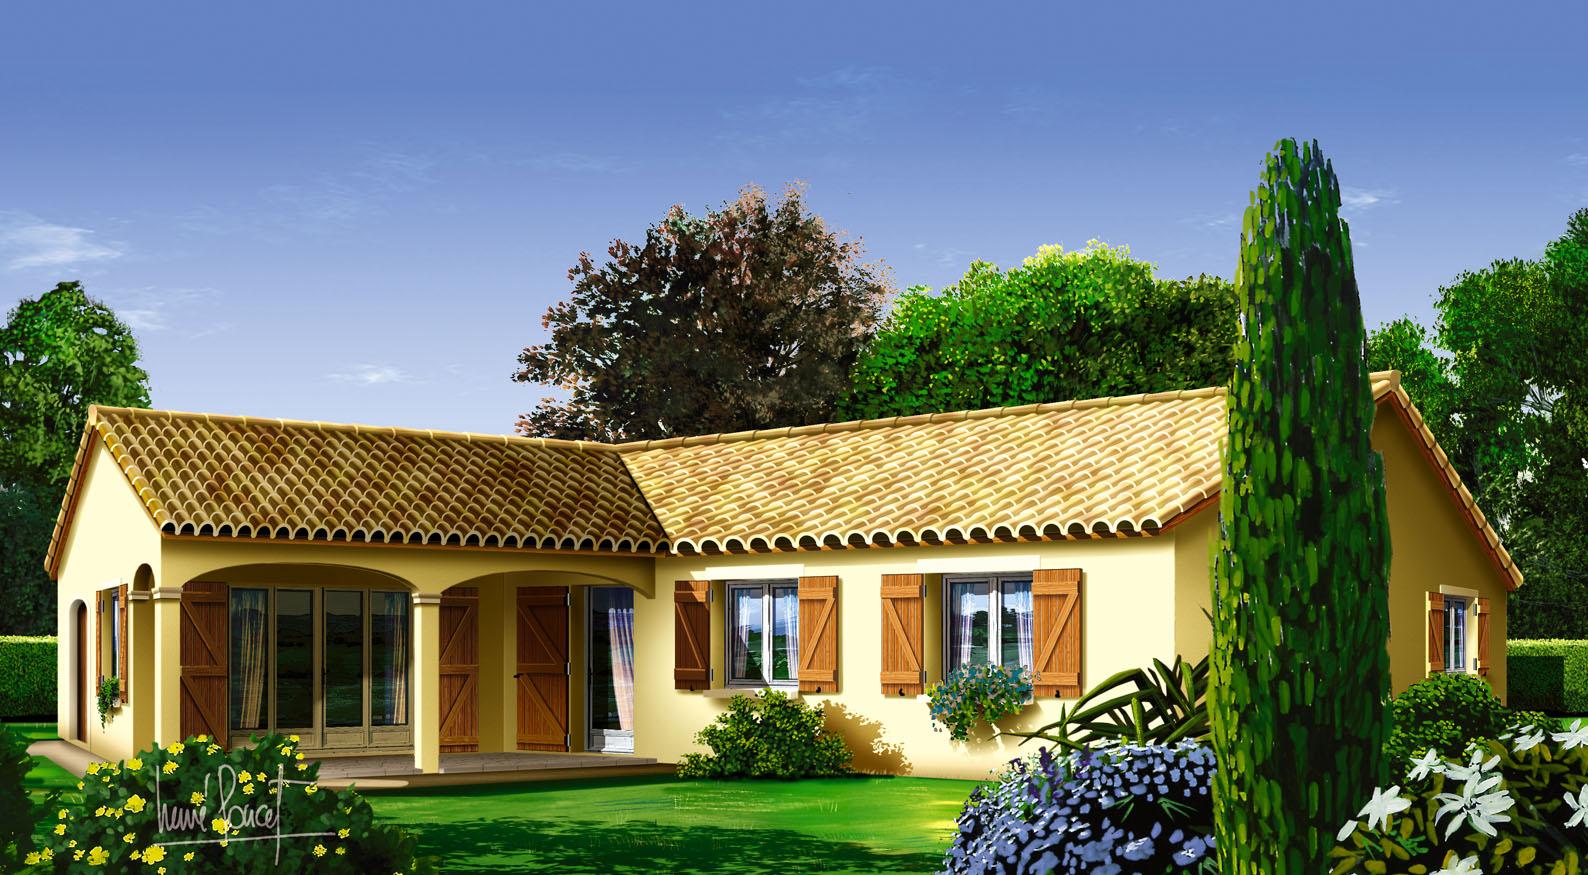 La maison des compagnons constructeur maisons for Constructeur maison bourgoin